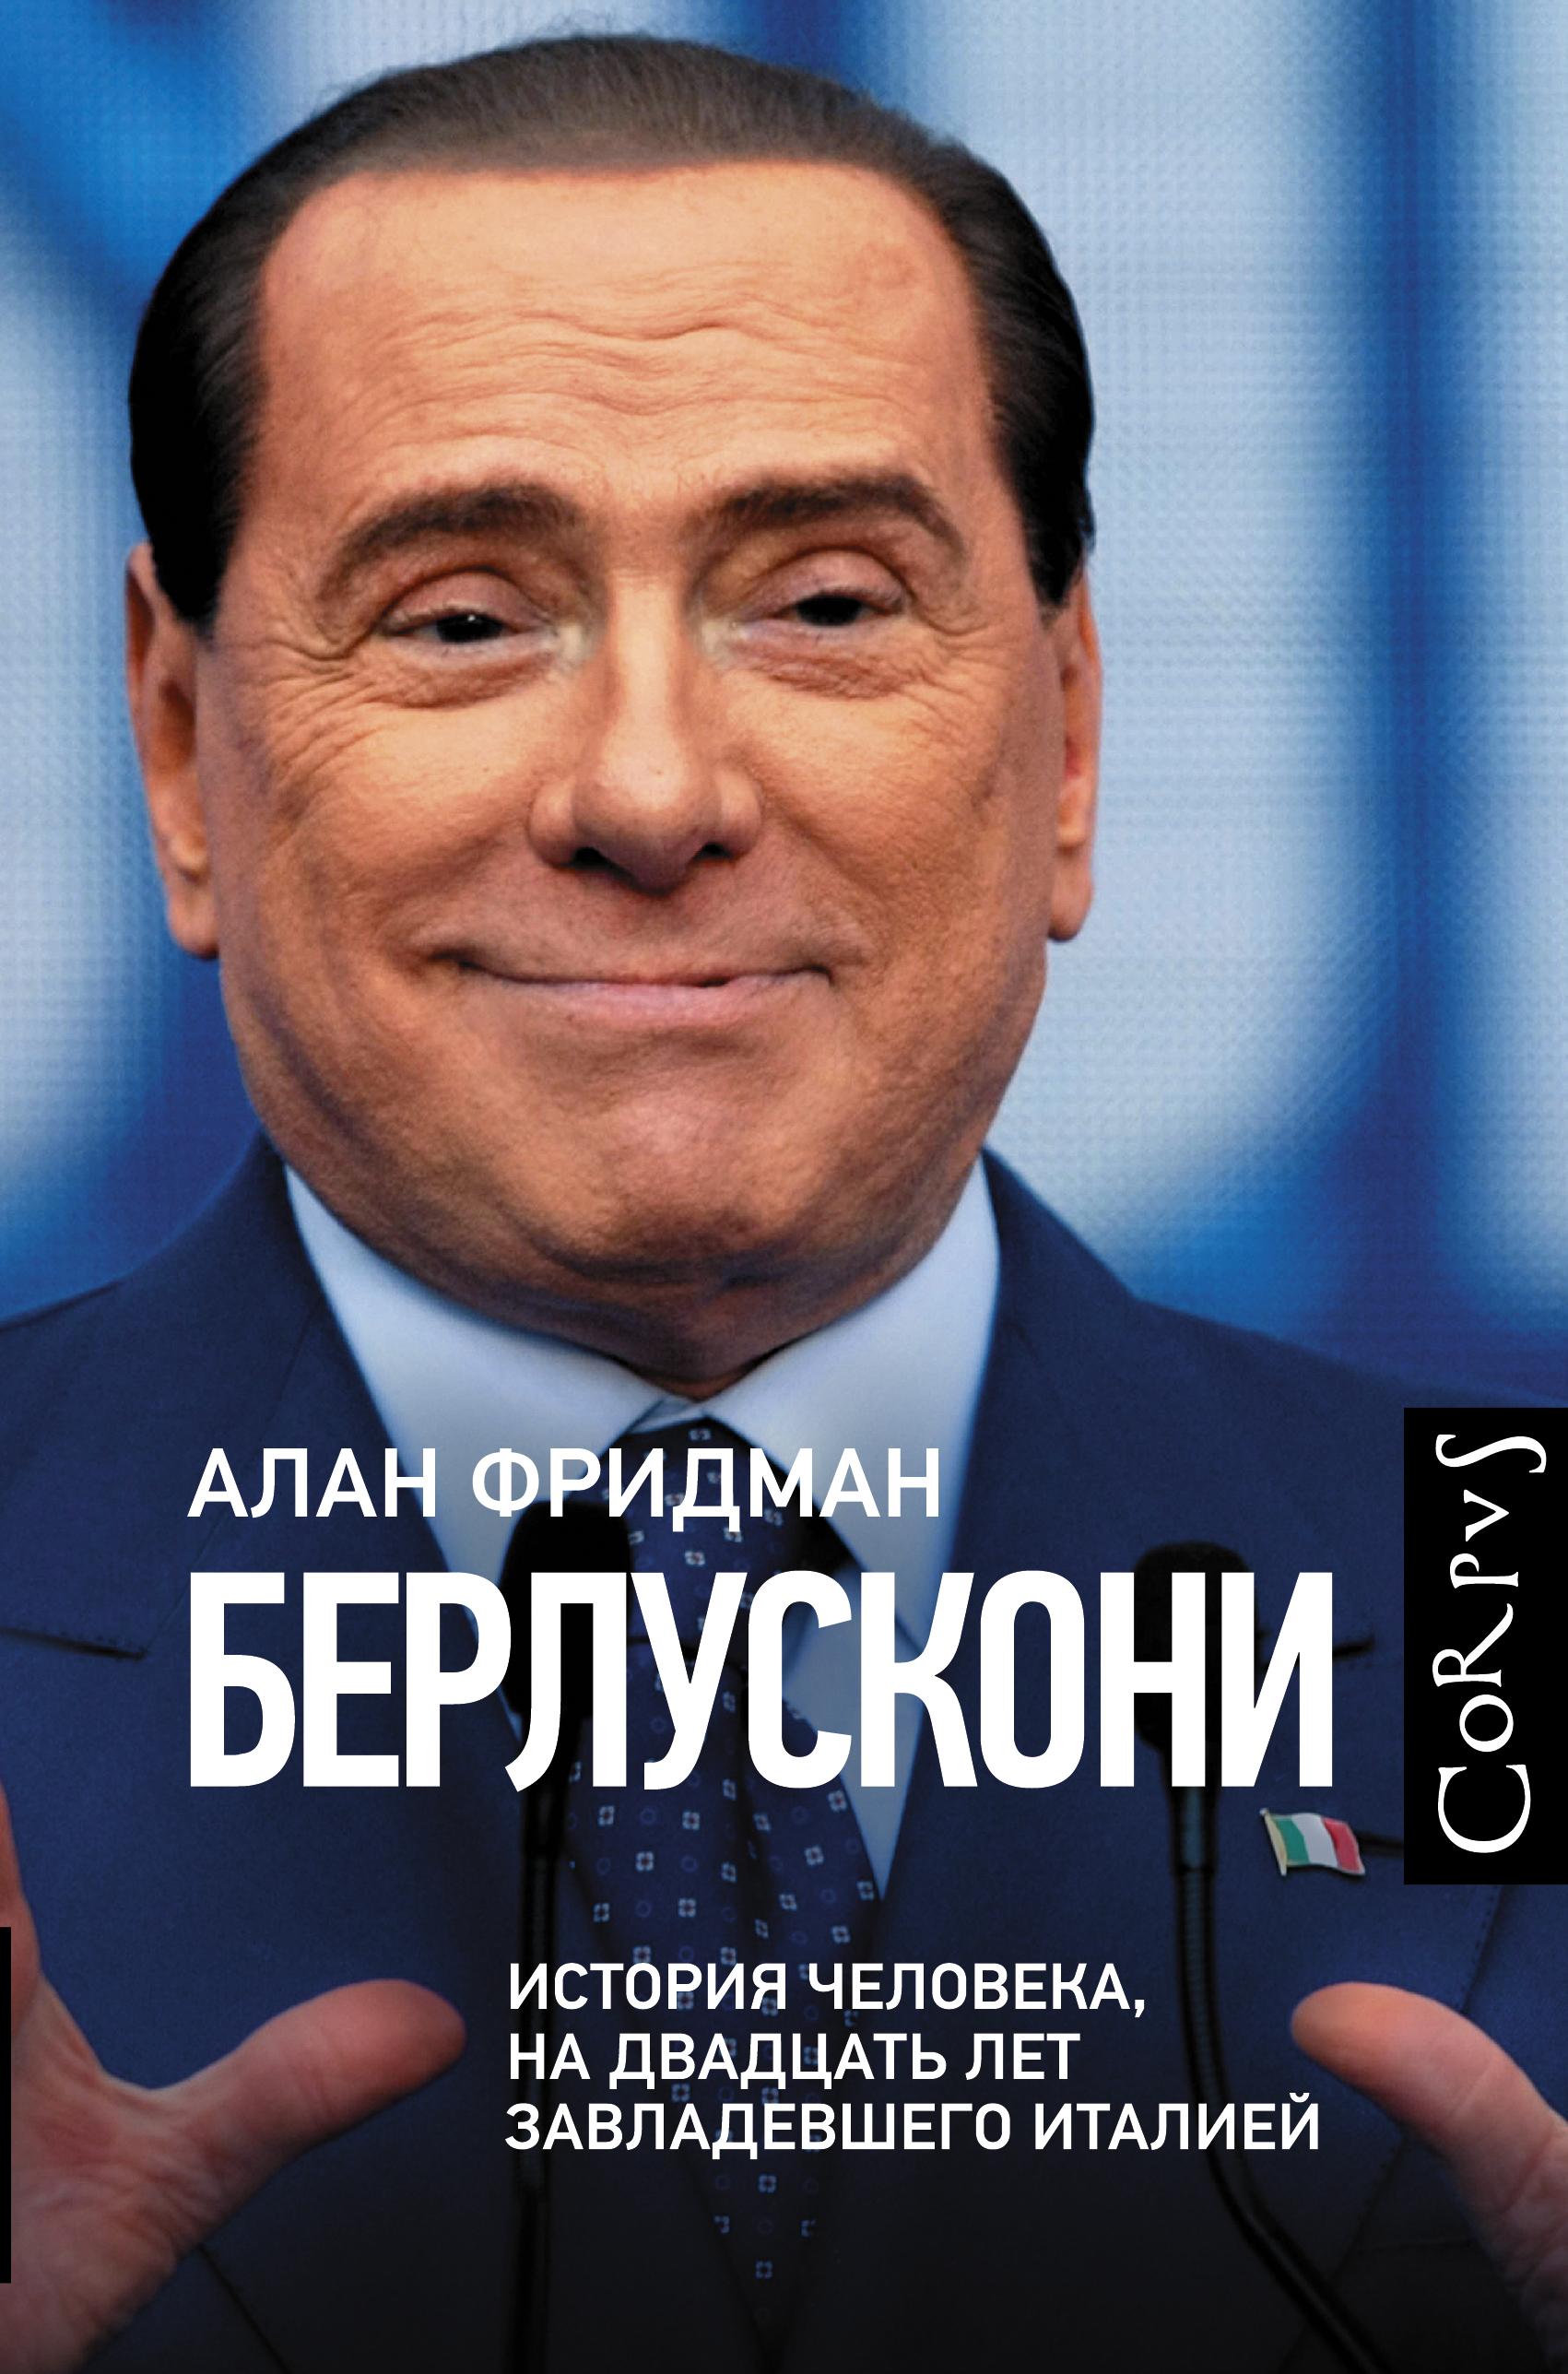 Фридман А. Берлускони фридман с пожиратели душ